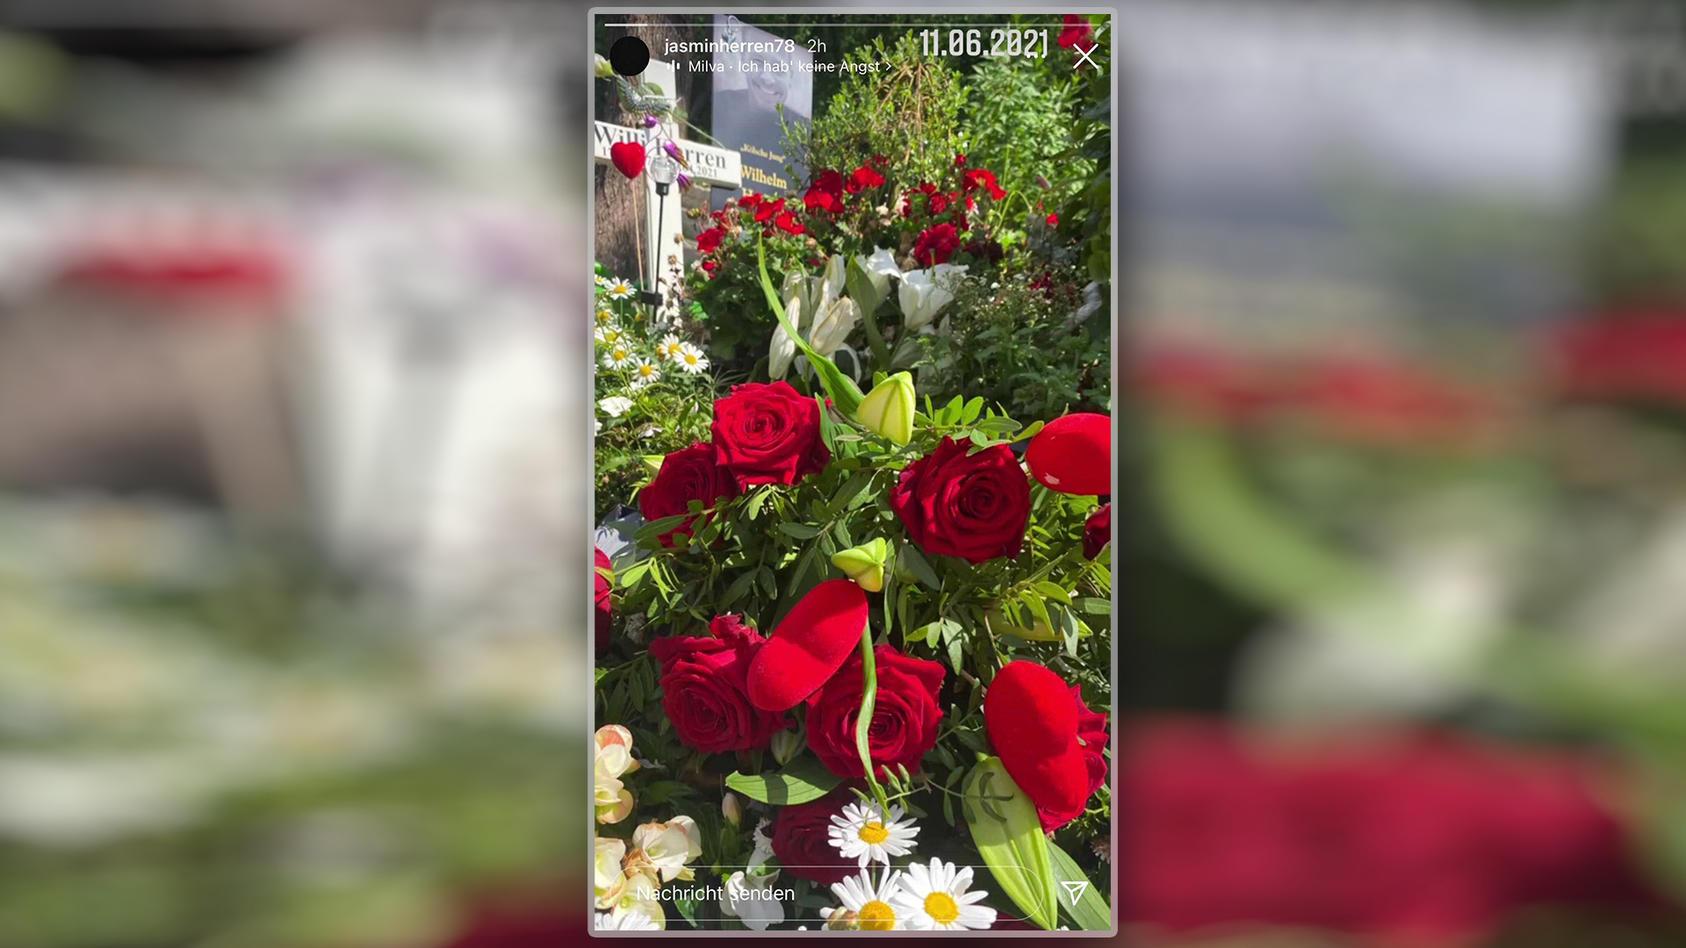 Jasmin Herren zeigt die Blumen auf Willis Grab.